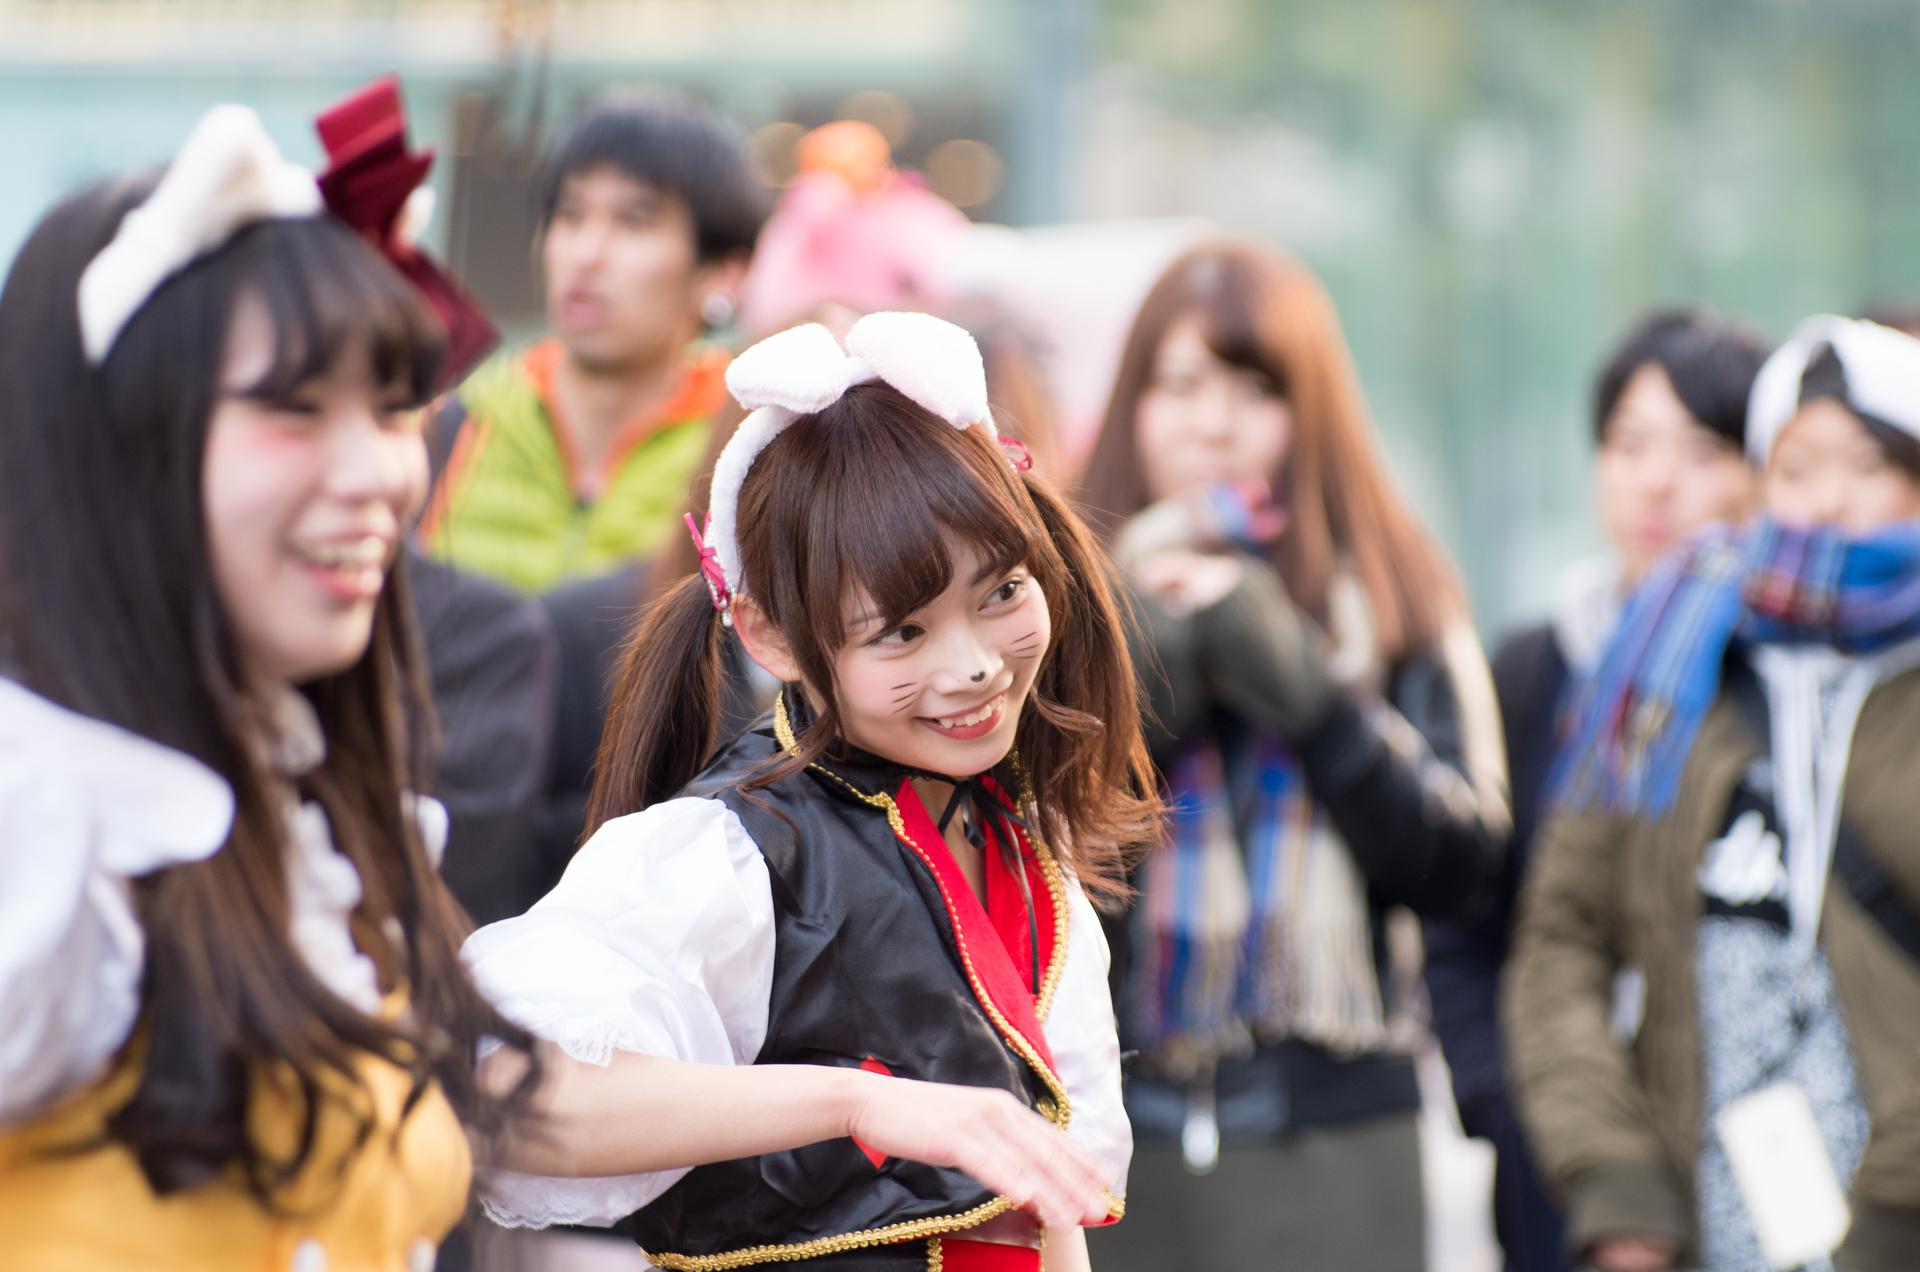 2代目HAPPY少女♪ ゆいな ( 宮崎ゆいな )   さっぽろハロウィン2016